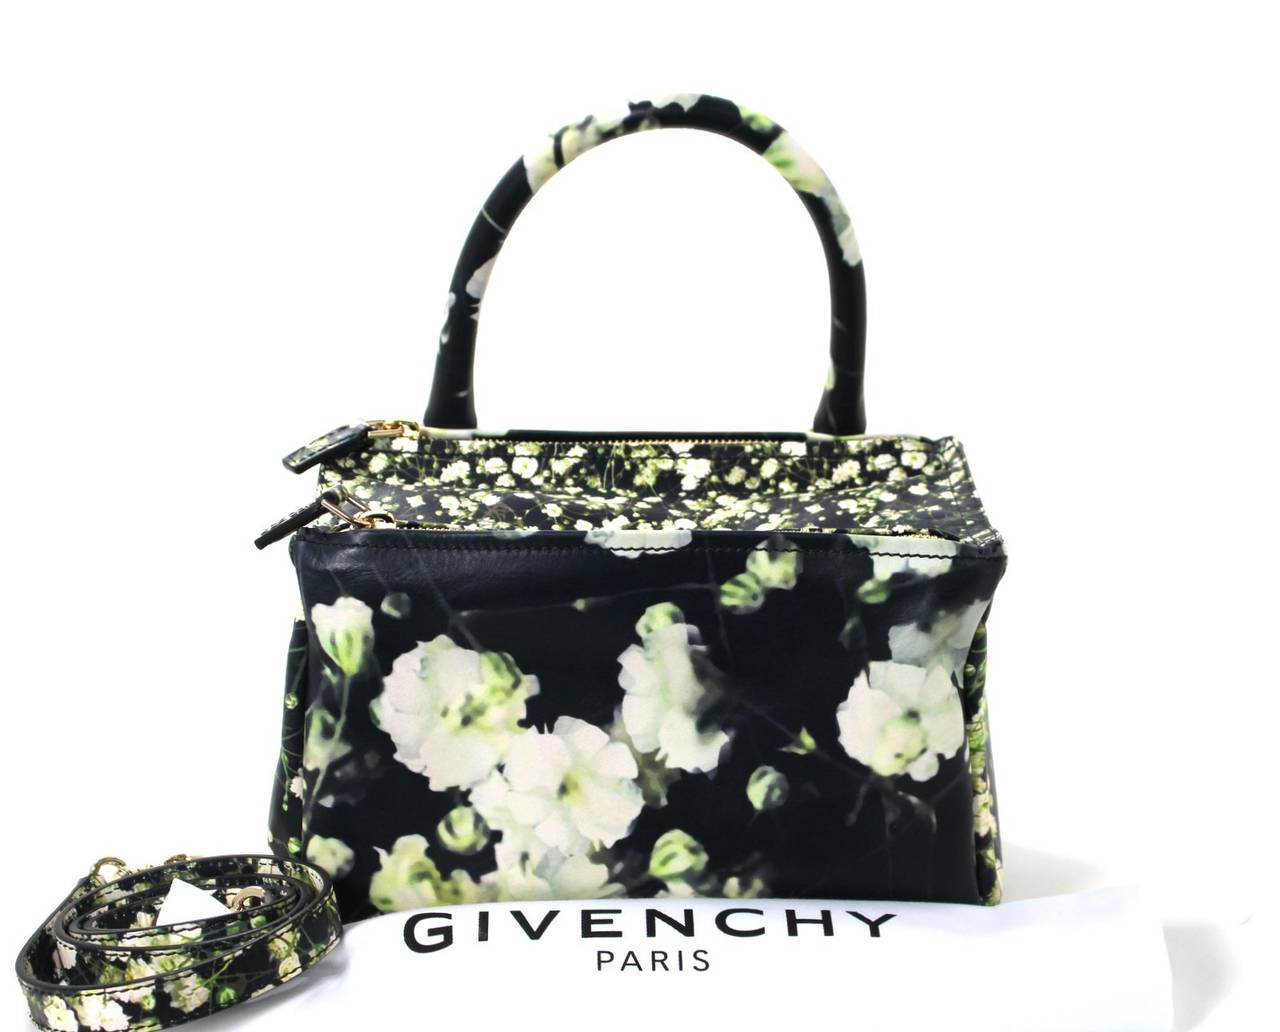 Givenchy Black Leather Babys Breath Pandora Messenger Bag 10